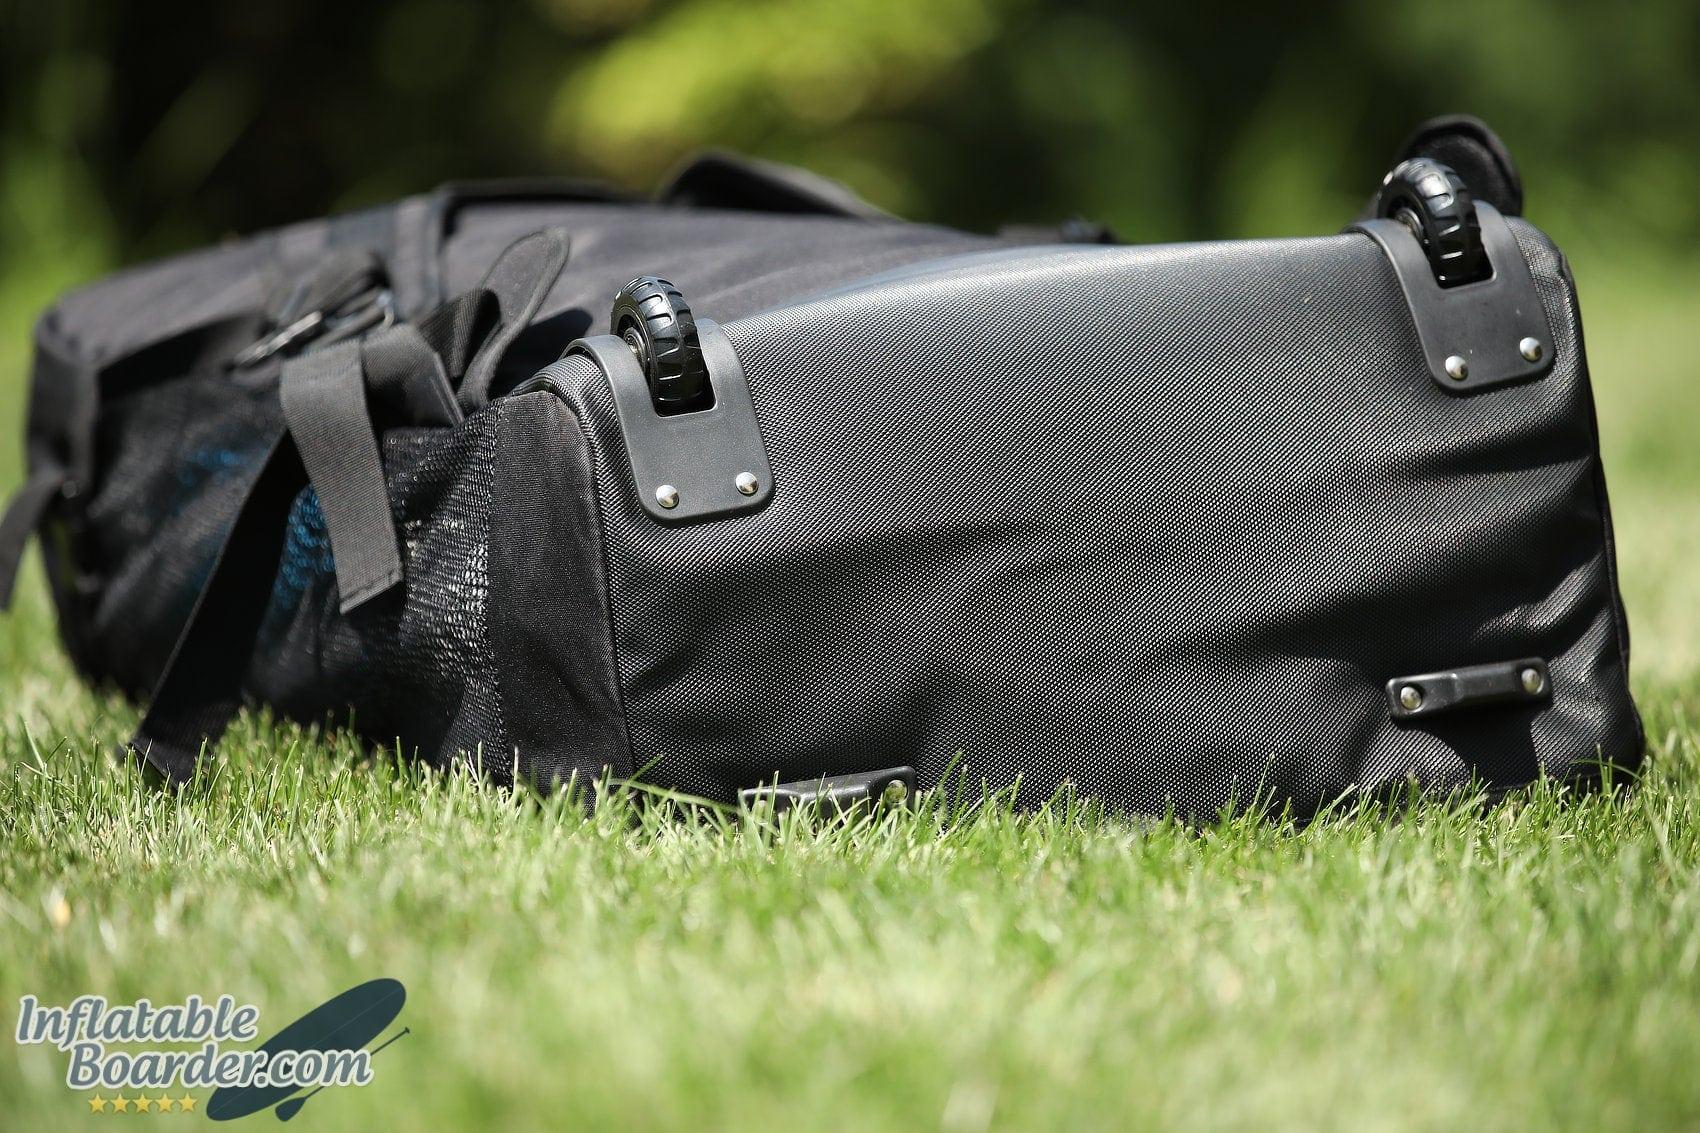 iSUP Backpack Wheels